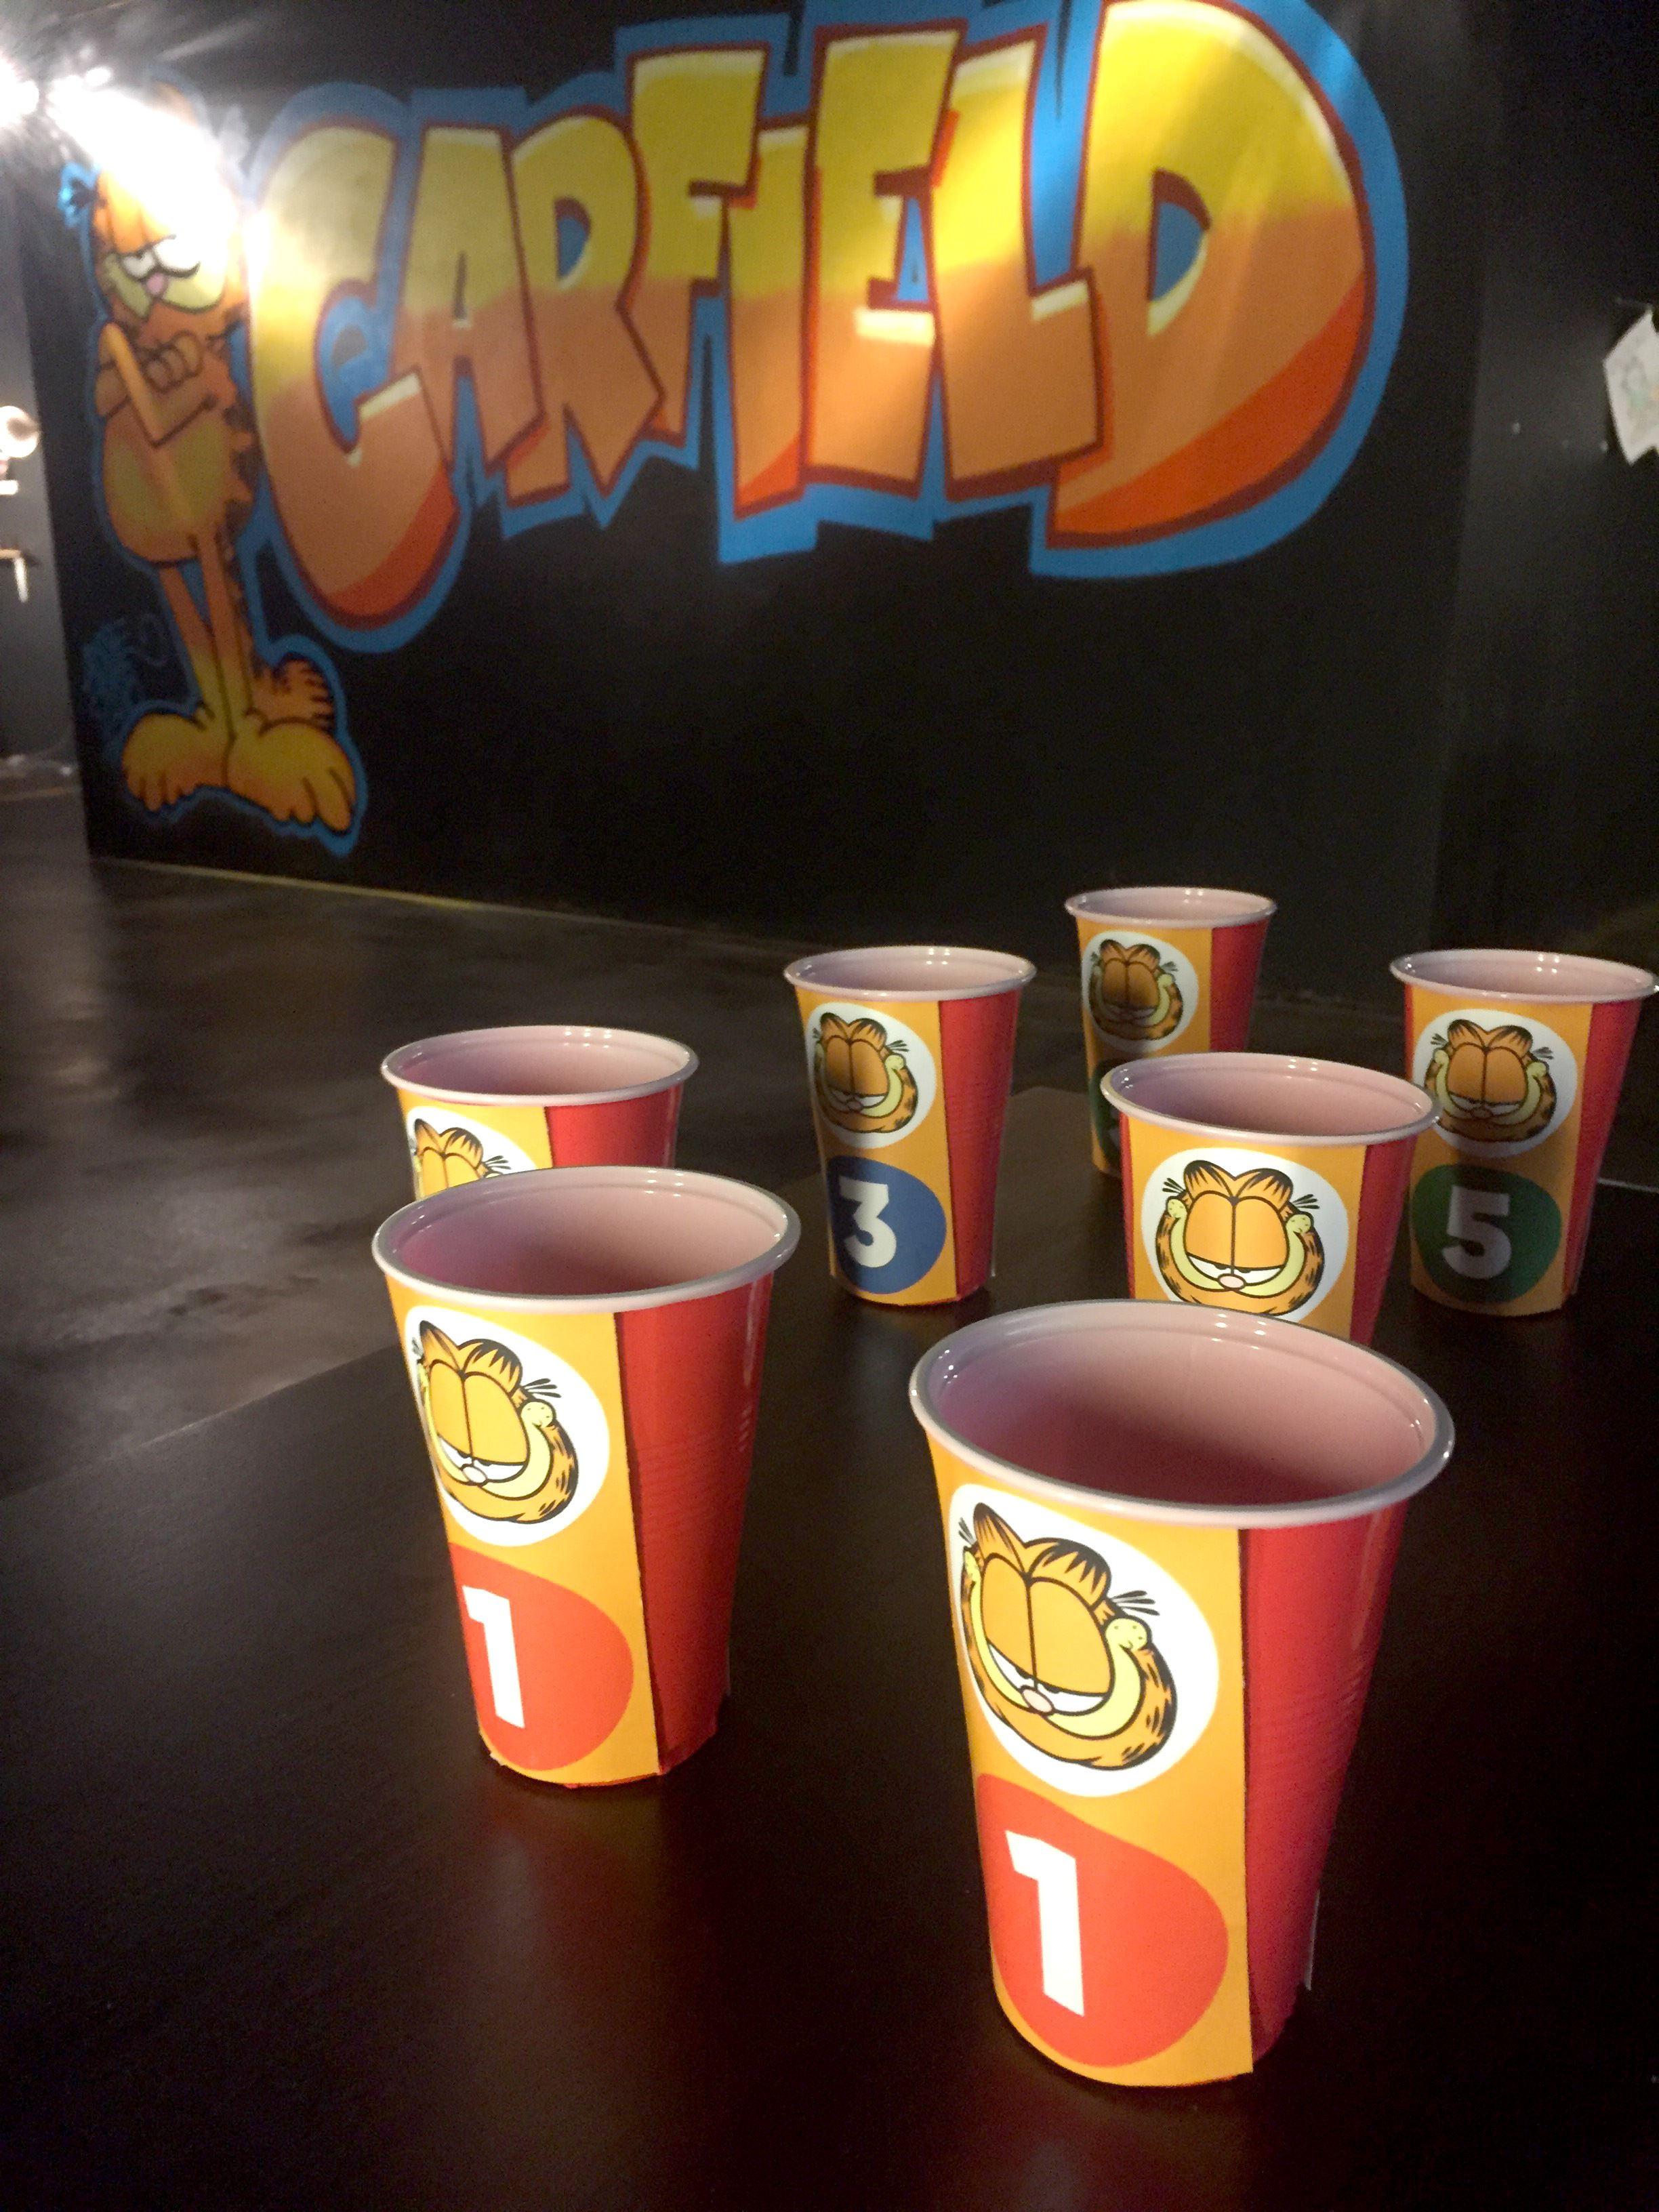 Garfield Museum